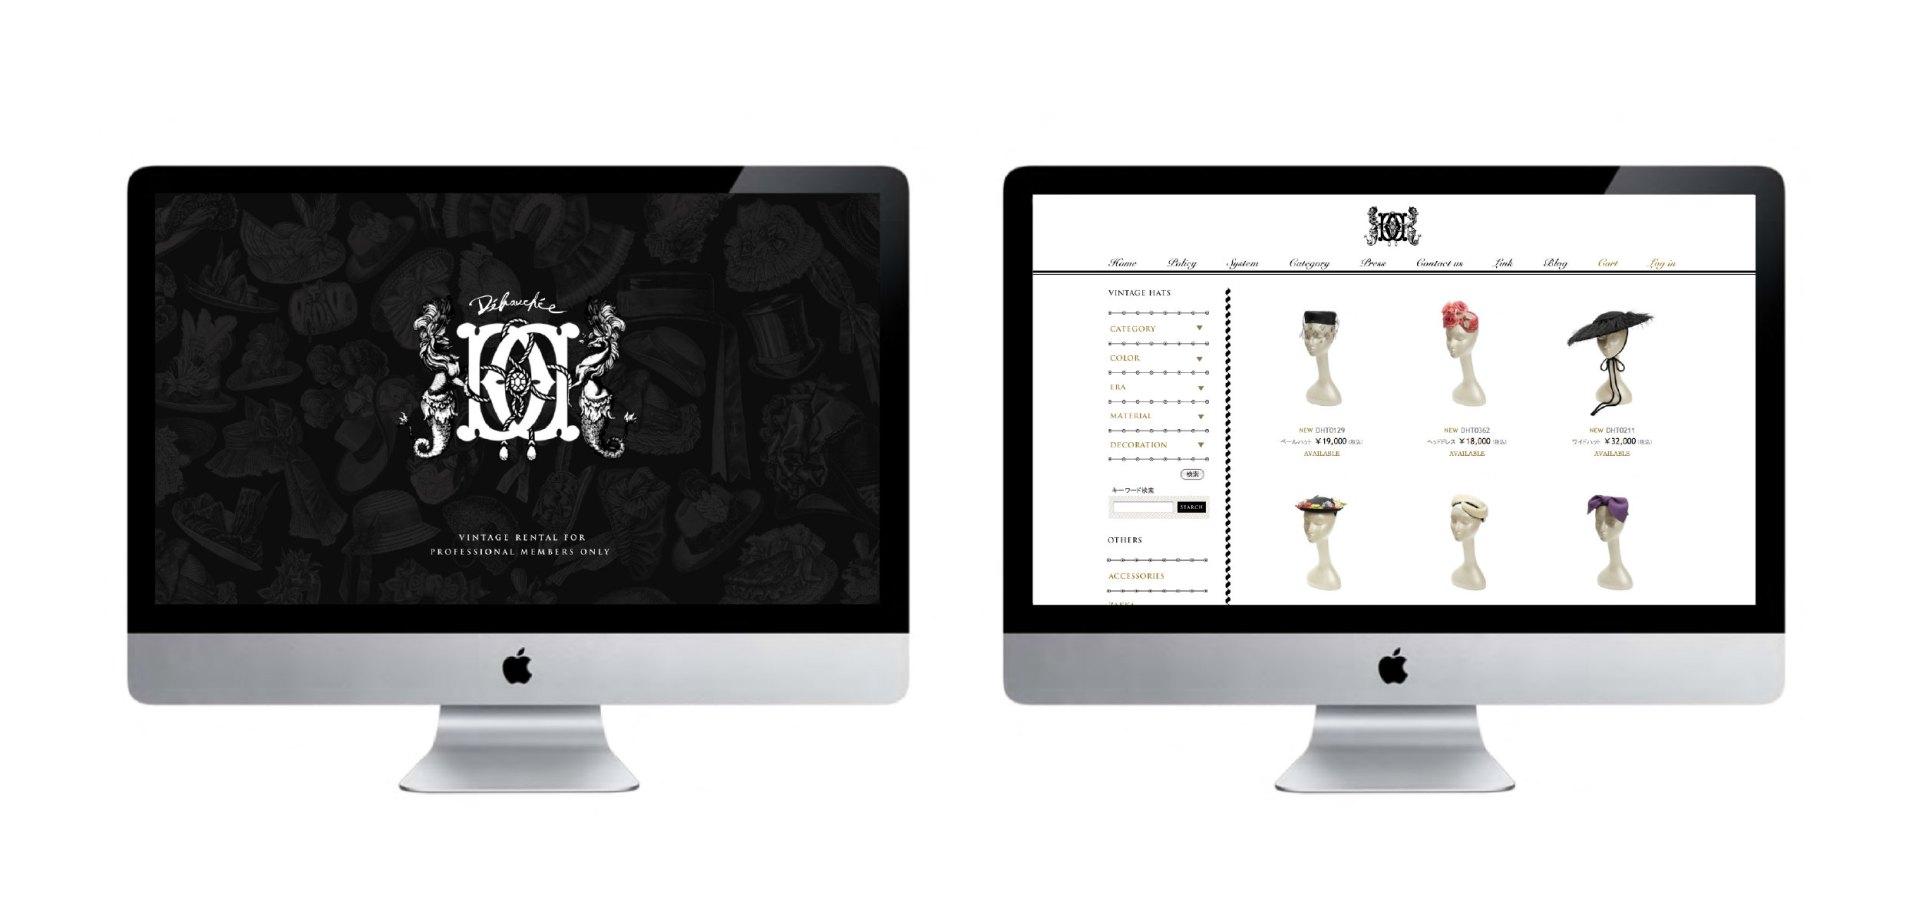 ucocollective Debauchee vintage design crest collage web design